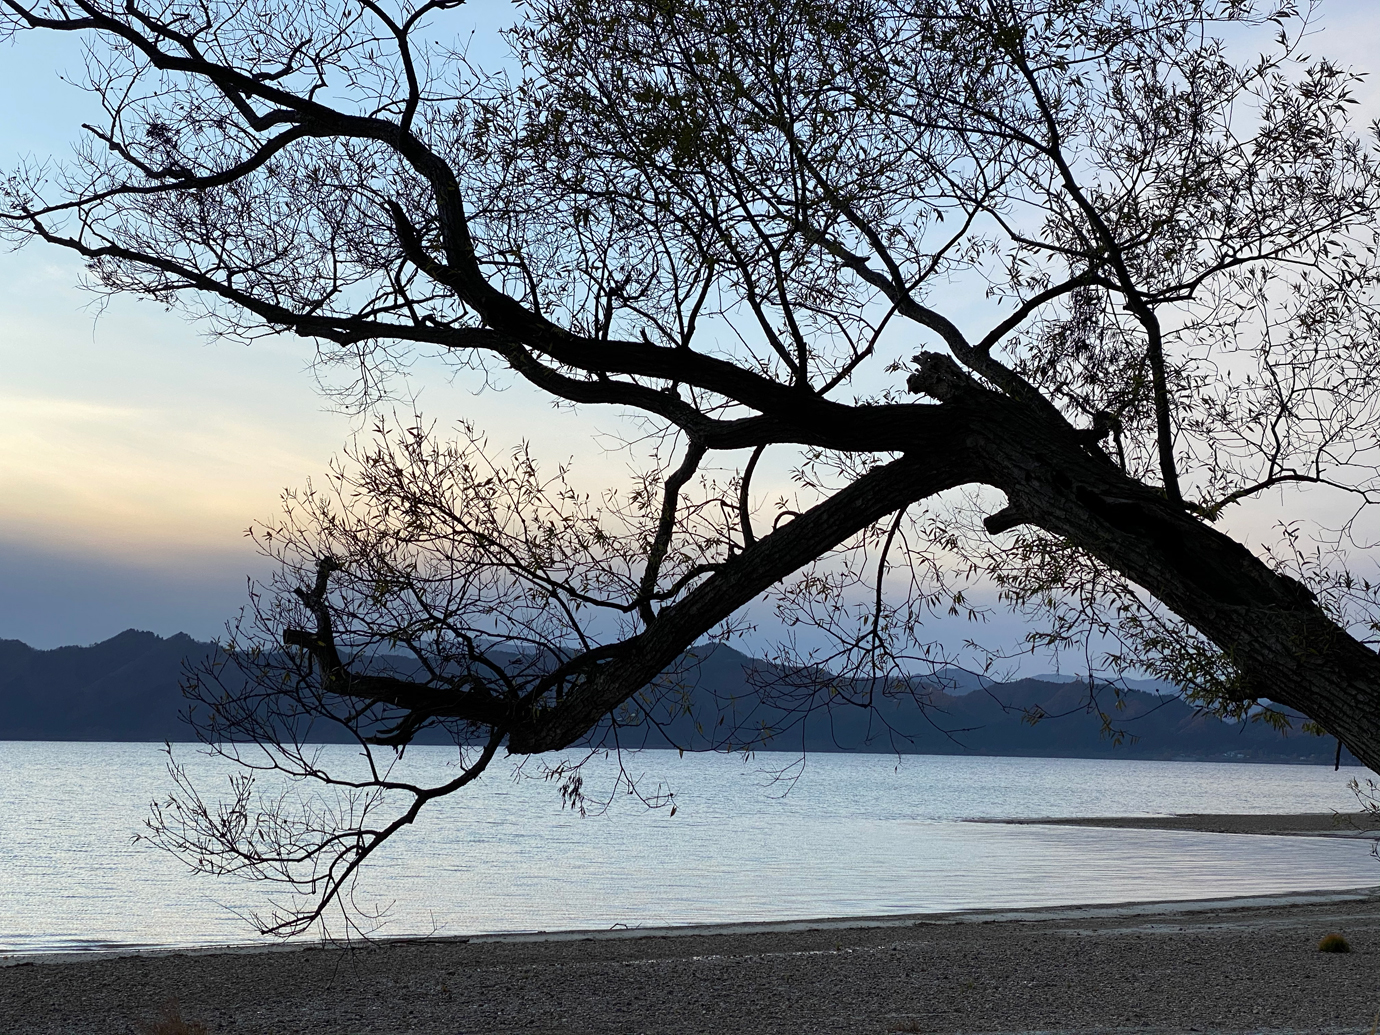 iPhone 11 Proの望遠レンズで撮影した田沢湖